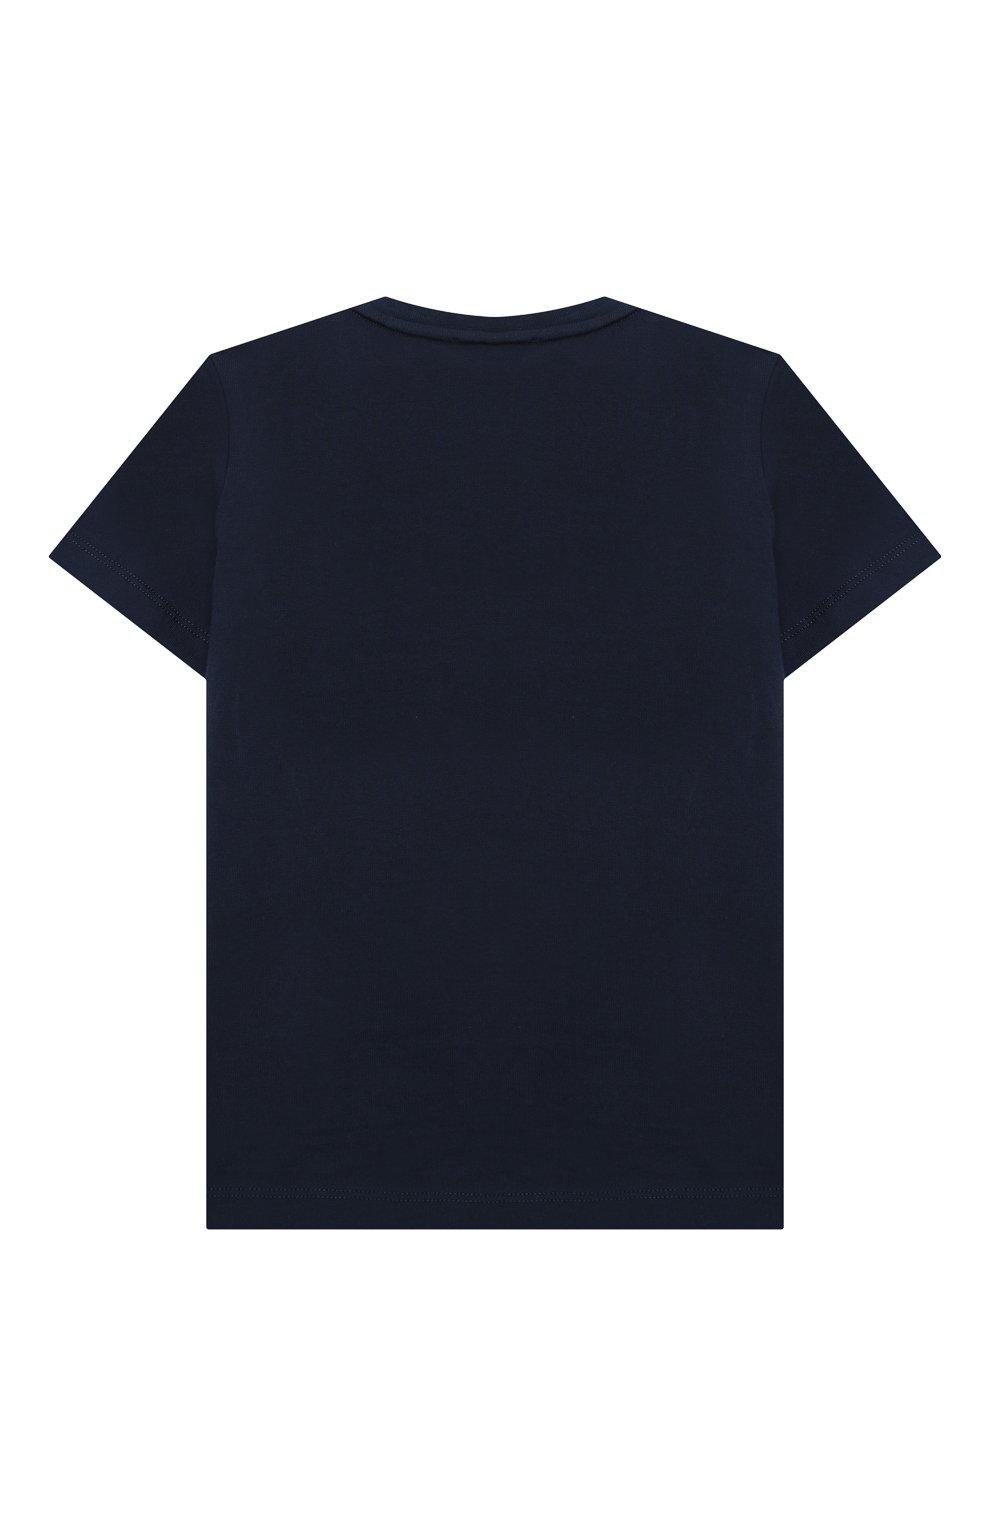 Детского комплект из футболки и шорт EMPORIO ARMANI темно-синего цвета, арт. 3K4VJG/4JJGZ | Фото 3 (Рукава: Короткие; Материал внешний: Хлопок; Мальчики Кросс-КТ: Костюмы-спорт; Ростовка одежда: 10 - 11 лет | 140 - 146см, 13 - 15 лет | 158 см, 16 лет | 164 см, 4 года | 104 см, 5 лет | 110 см, 6 лет | 116 см, 7 лет | 122 см, 8 лет | 128 см)